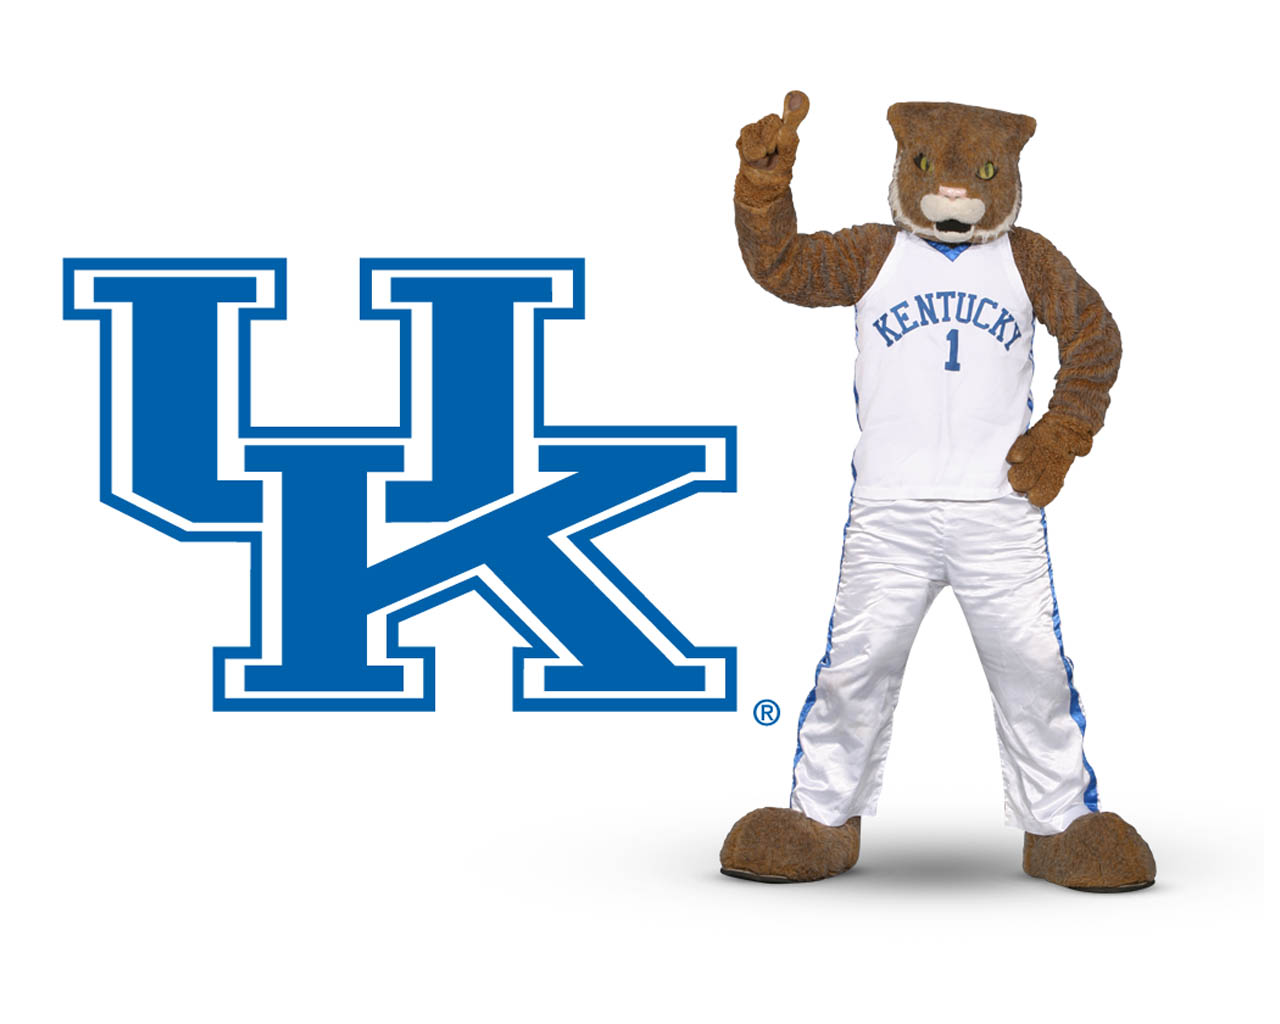 Wildcatrob S Kentucky Wallpaper Blog: Kentucky Wildcats Wallpaper W/ Mascot